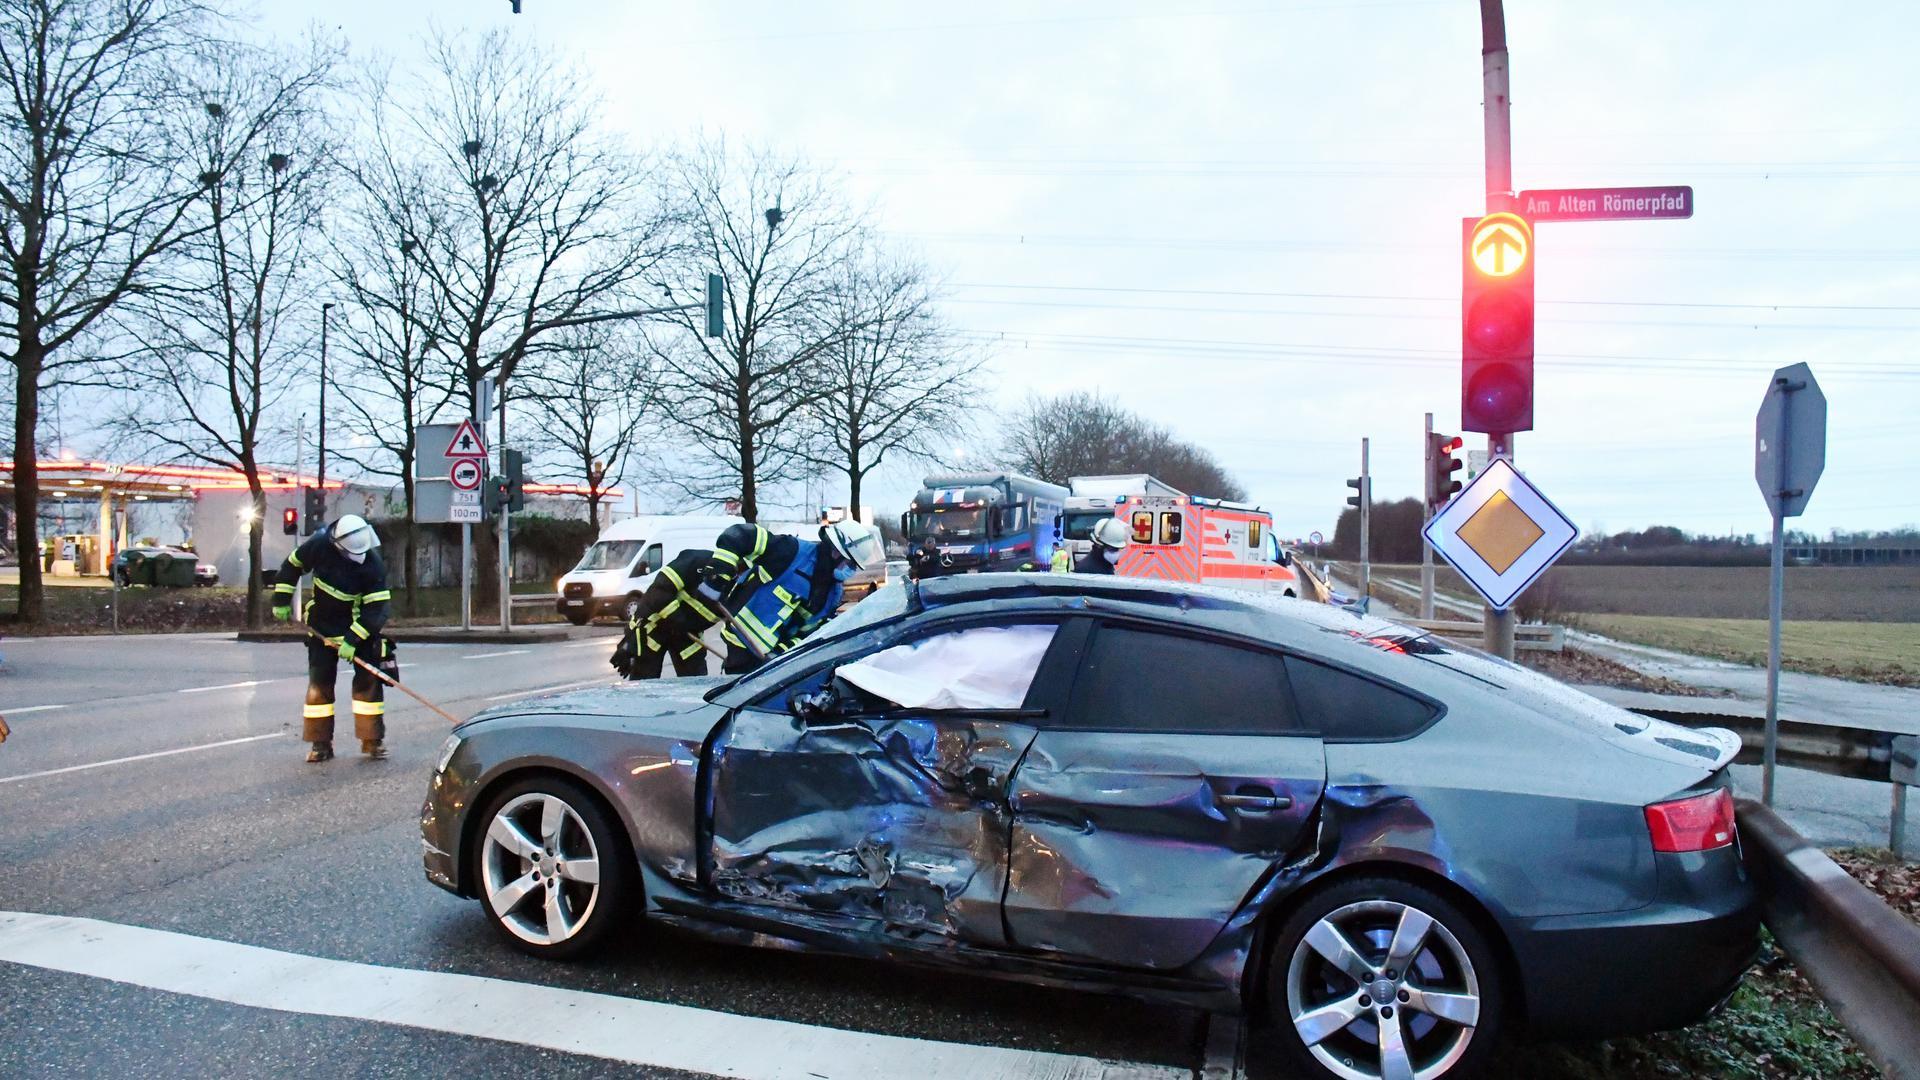 Bühl, L 85 - Nach Kollision mit Lastwagengespann verletzt  Bühl (ots) - Nach einer Kollision zwischen einem Lastwagengespann und einem Audi A5 musste die L 85 im Bereich der Abzweigung nach Vimbuch am Freitagmorgen im Berufsverkehr kurzzeitig komplett gesperrt werden - derzeit wird der Verkehr an der Unfallstelle vorbeigeleitet. Der Autofahrer wurde durch den Zusammenstoß verletzt und wurde mit einem Rettungswagen in ein umliegendes Krankenhaus gebracht werden. Nach bisherigen Erkenntnissen hat der Fahrer des Schwergewichts kurz nach 7 Uhr das Rotlicht einer dortigen Ampel missachtet und ist mit dem von Vimbuch in Richtung Autobahn abbiegenden Autofahrer kollidiert. Einsatzkräfte der Feuerwehr Bühl unterstützten die Maßnahmen an der Unfallstelle. Der Sachschaden an den Fahrzeugen dürfte im Bereich mehrerer Zehntausend Euro liegen.